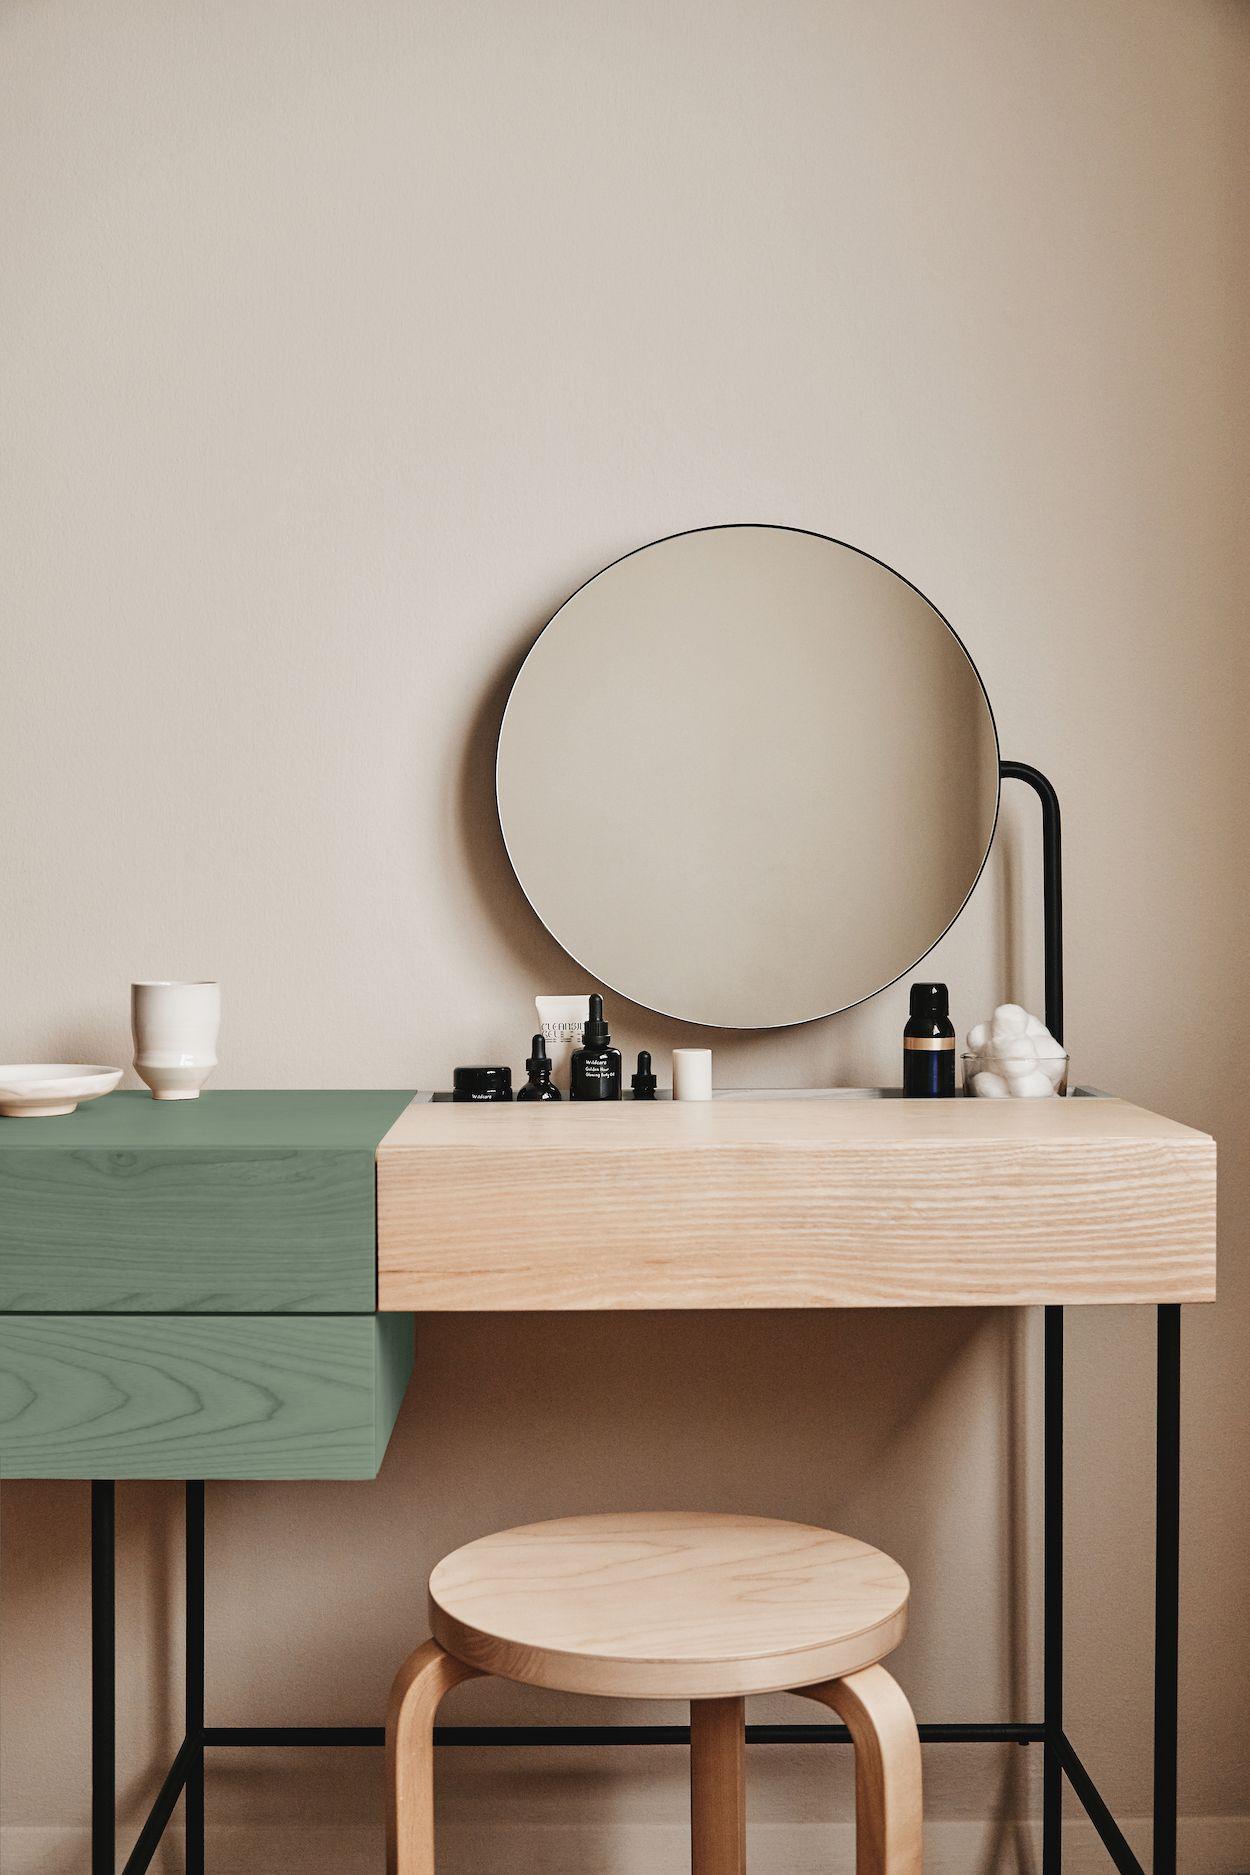 Composed Vanity By Ladies Gentlemen Studio Dims Minimalist